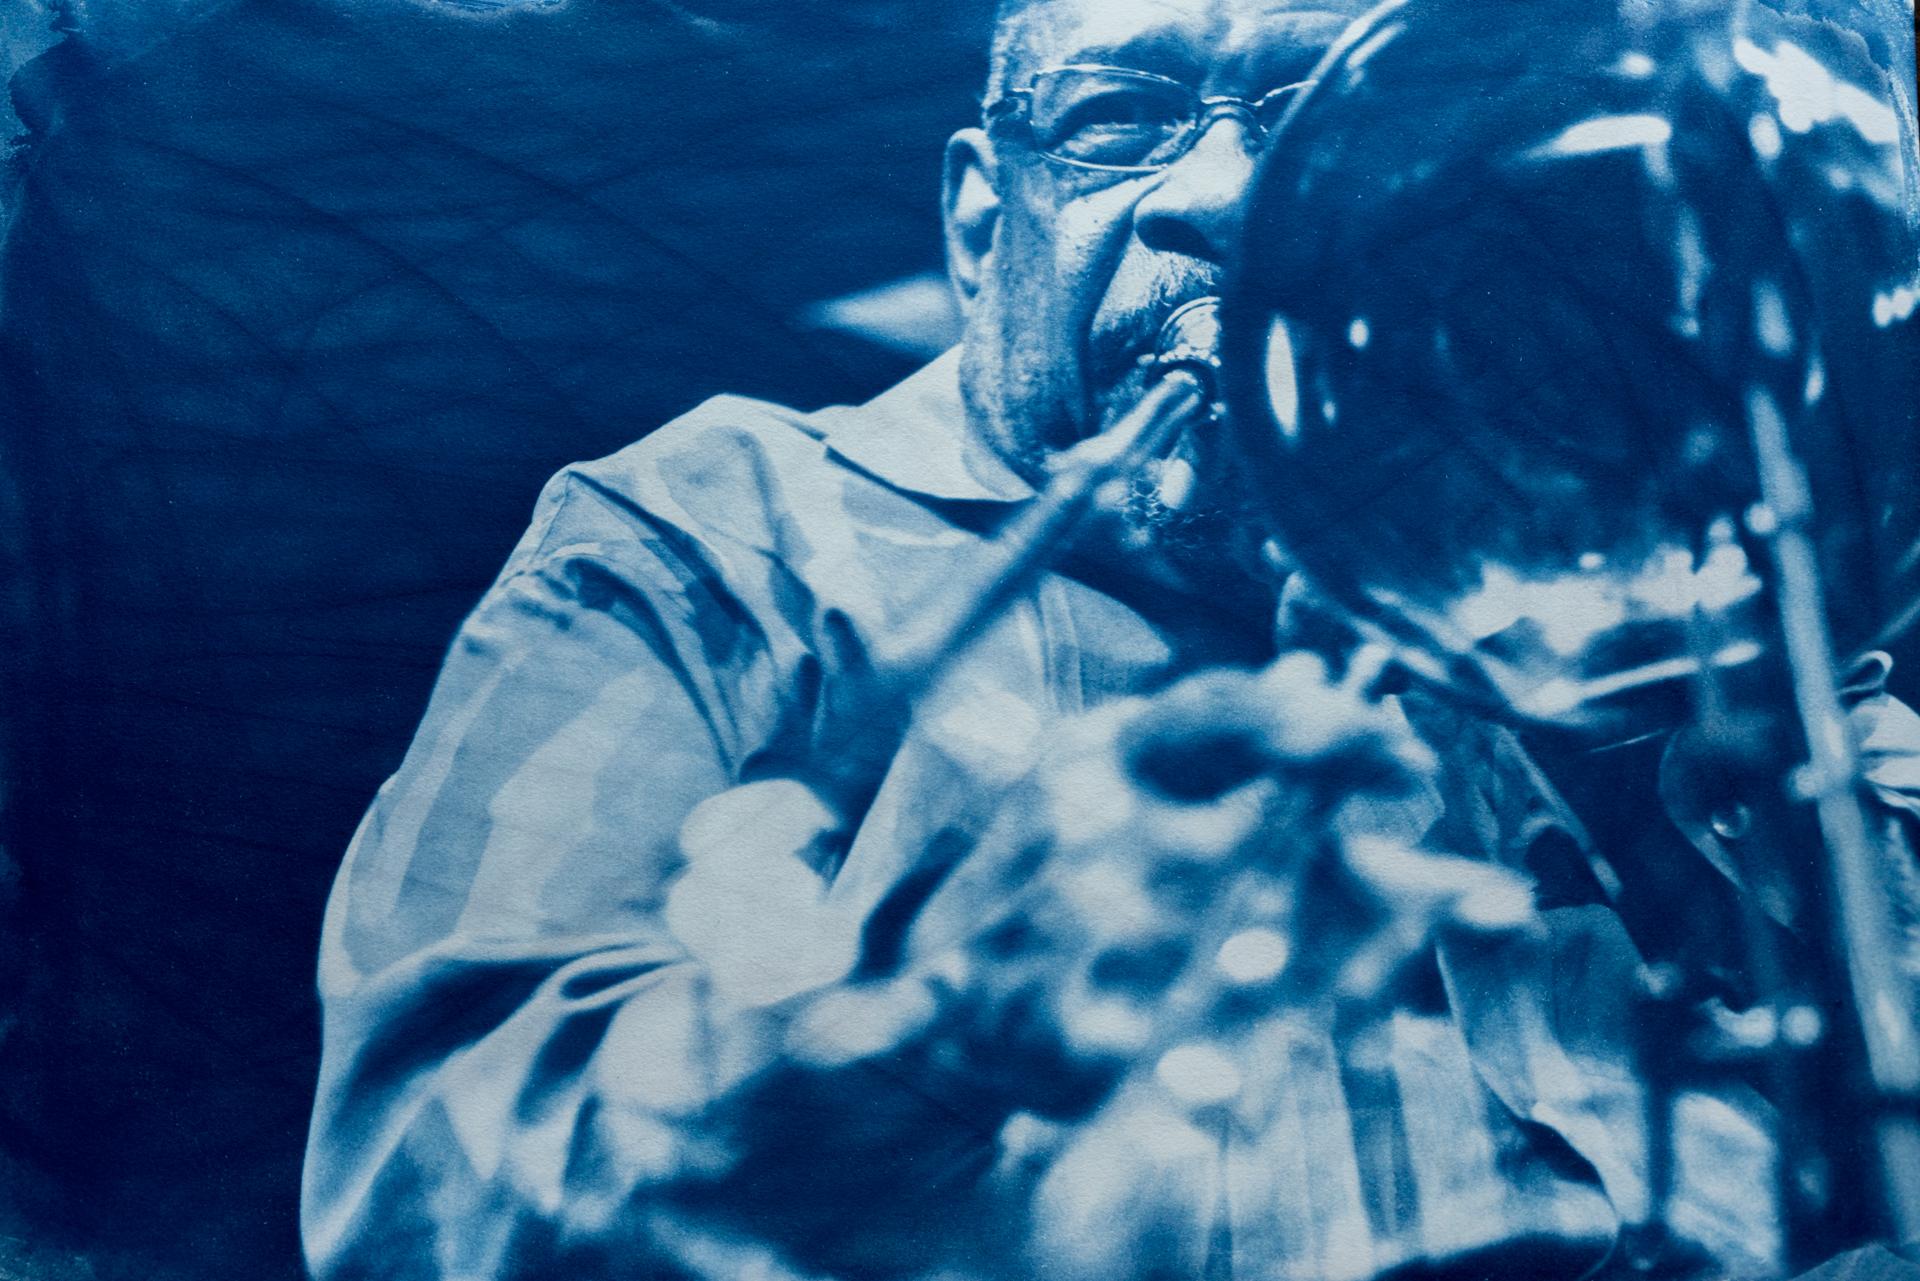 france ; lw images ; los caballeros ; expo photo ; note bleue ; photographie concert ; musique ; jazz ; sud ouest ; bordeaux ; médoc ; expo ; musiciens ; chanteurs